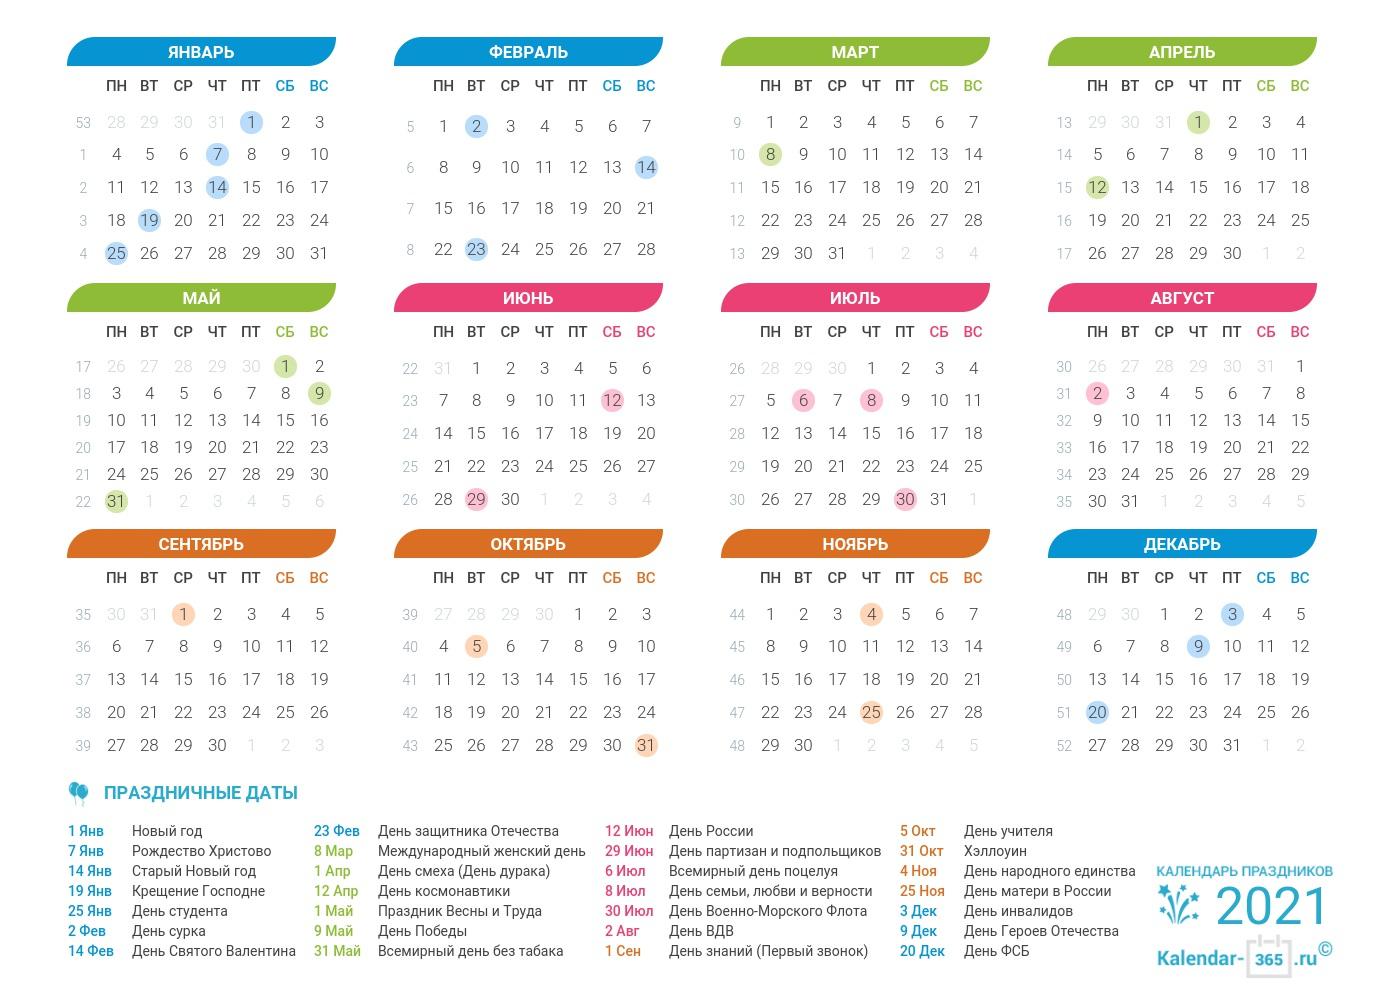 Календарь 2021 С Праздниками И Выходными Днями